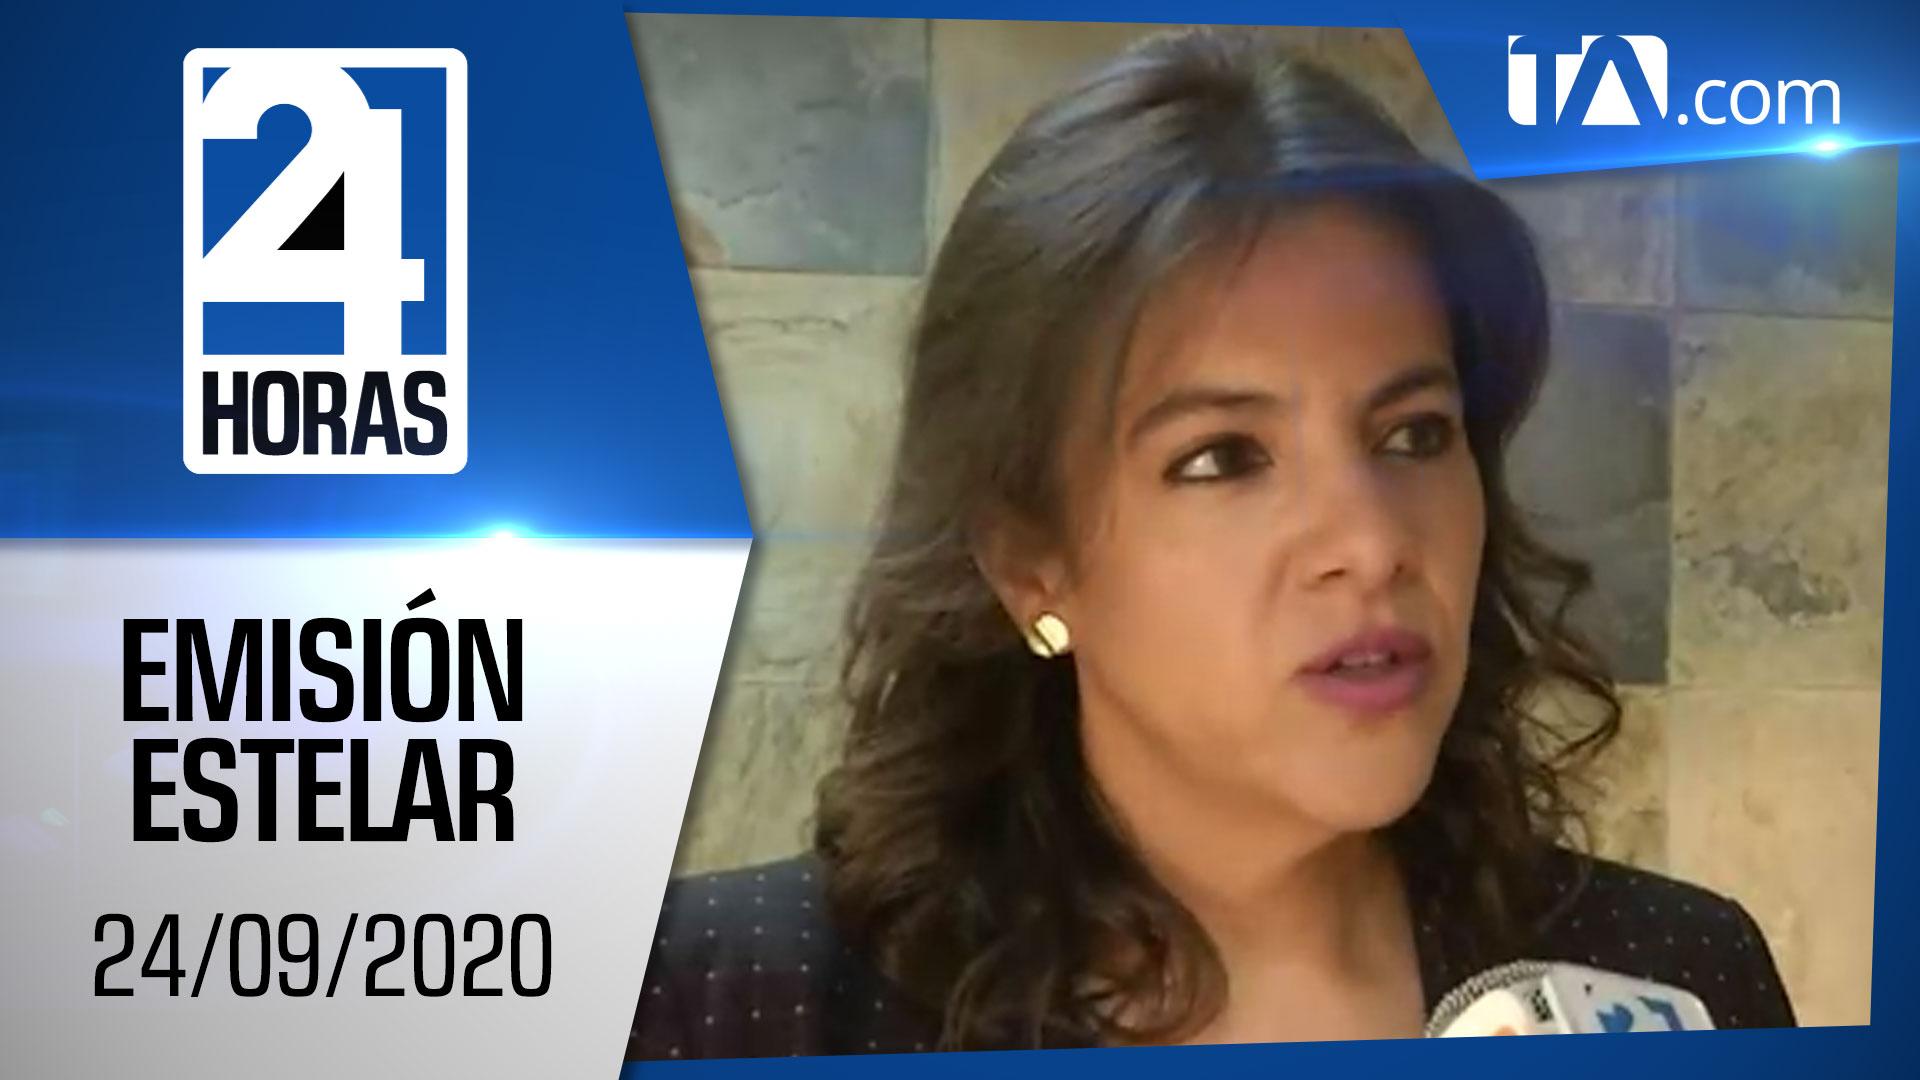 Noticias Ecuador: Noticiero 24 Horas, 24/09/2020 (Emisión Estelar)